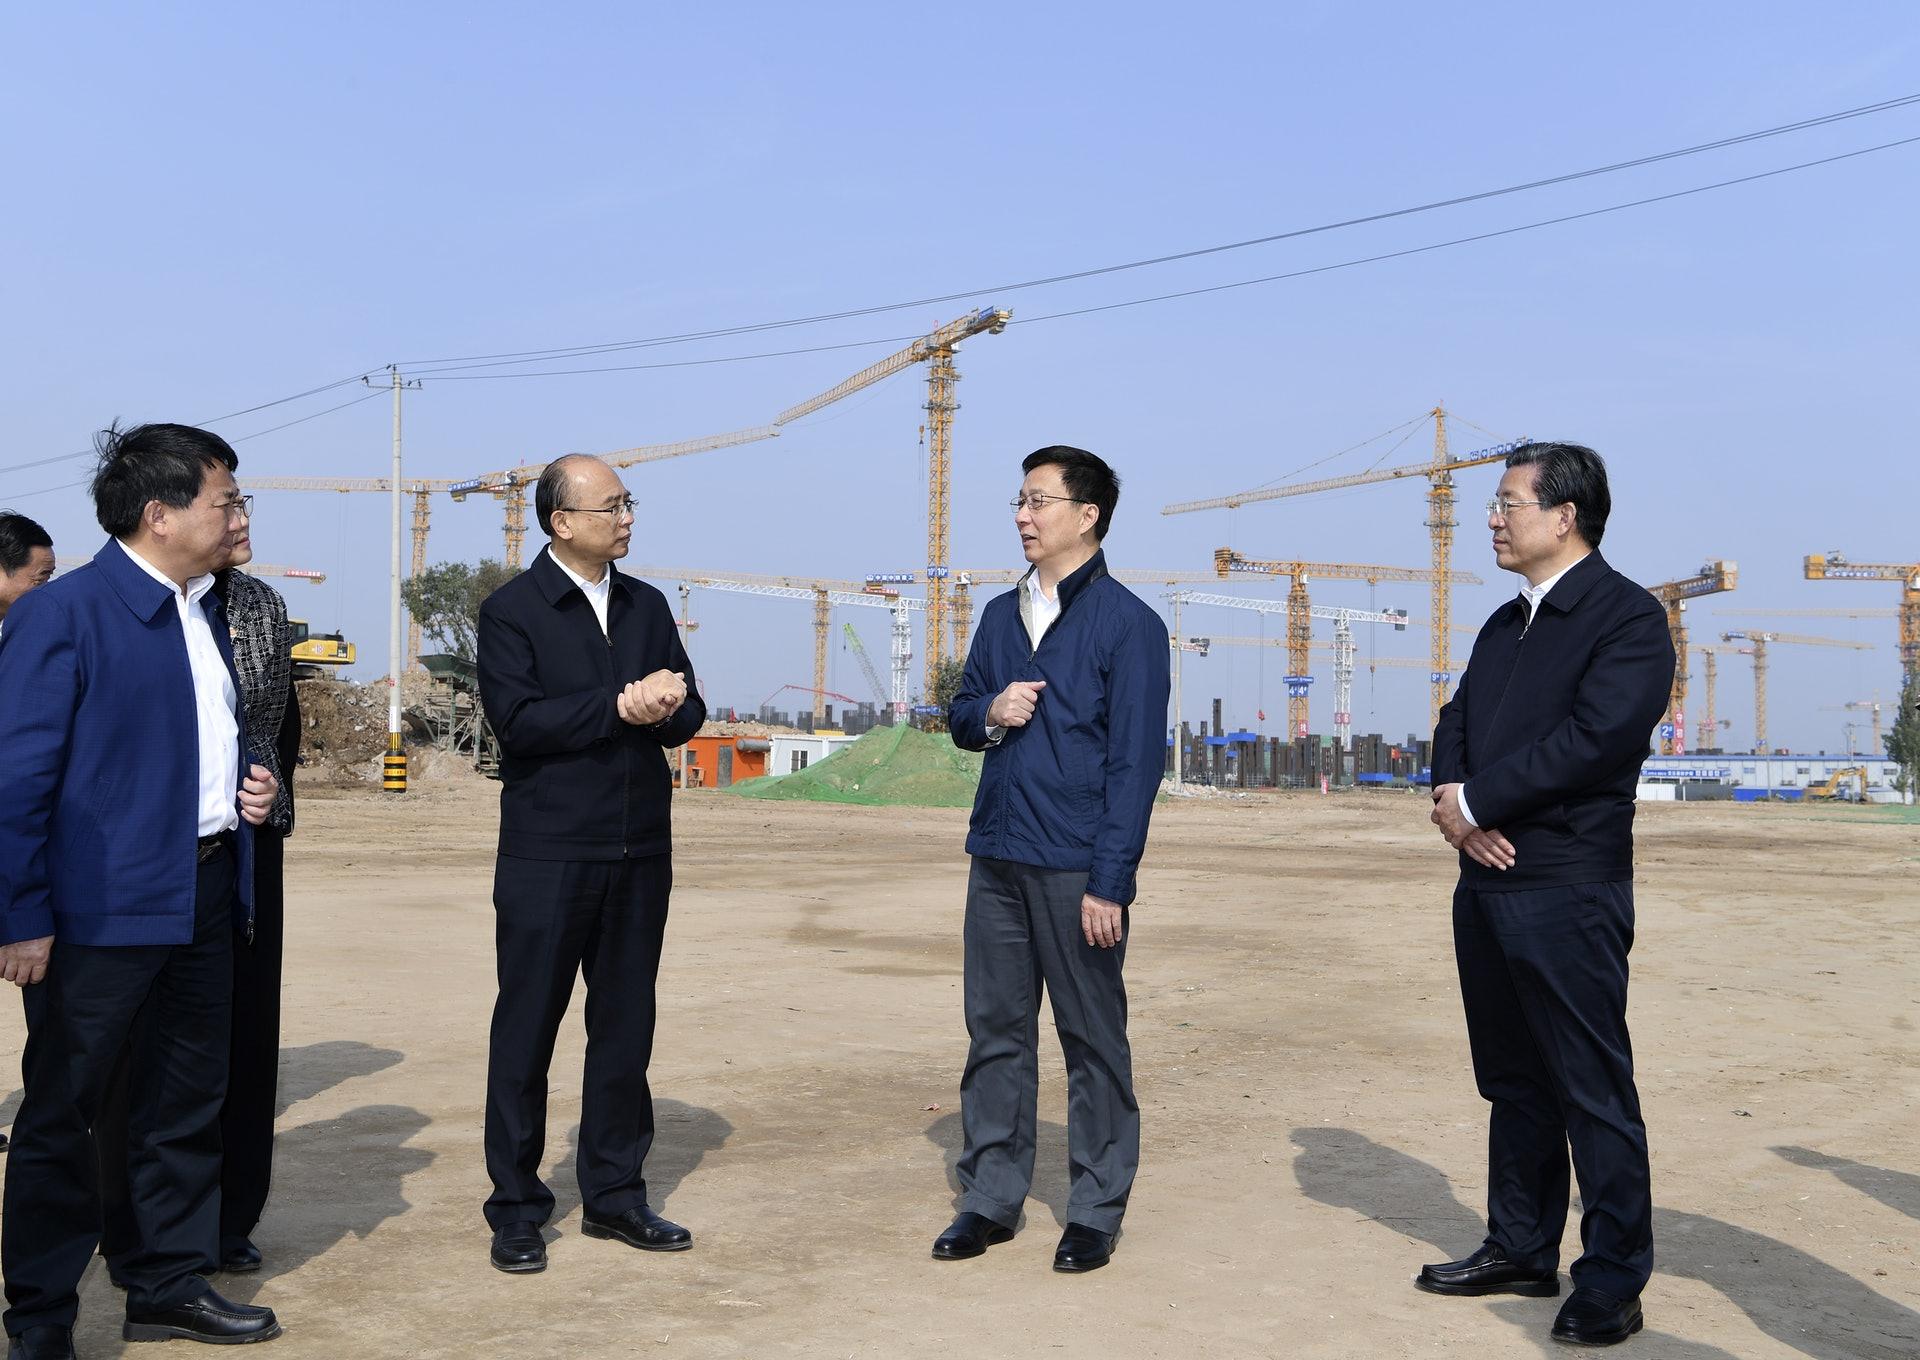 韩正在雄县昝岗镇佐各庄村考察征迁安置工作。(新华社)